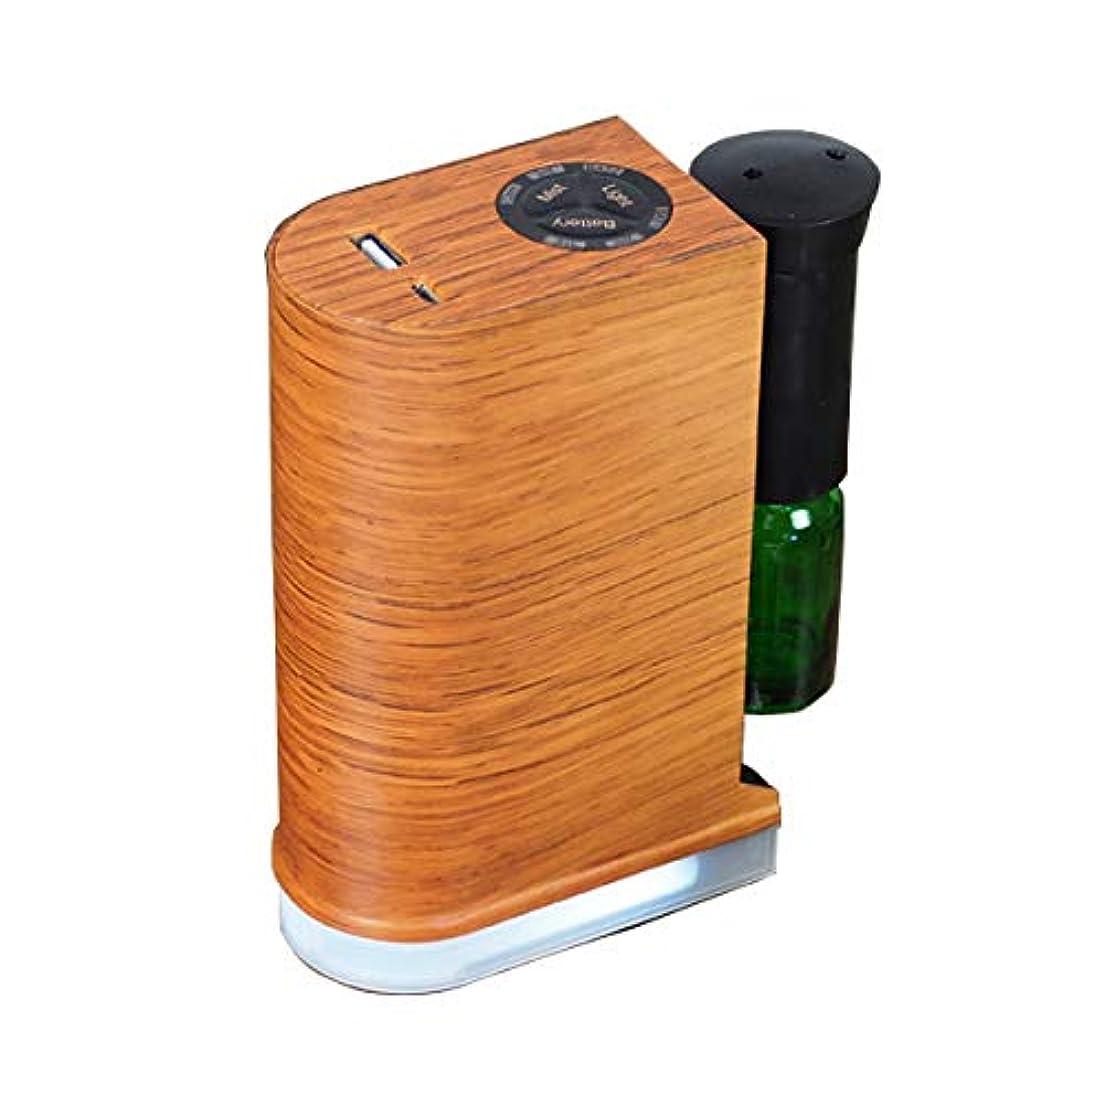 何でもエラー求めるアロマデュフューザー 水を使わない ネブライザー式アロマディフューザー LED搭載 アロマオイル 精油 アロマ芳香 (ブラウン)